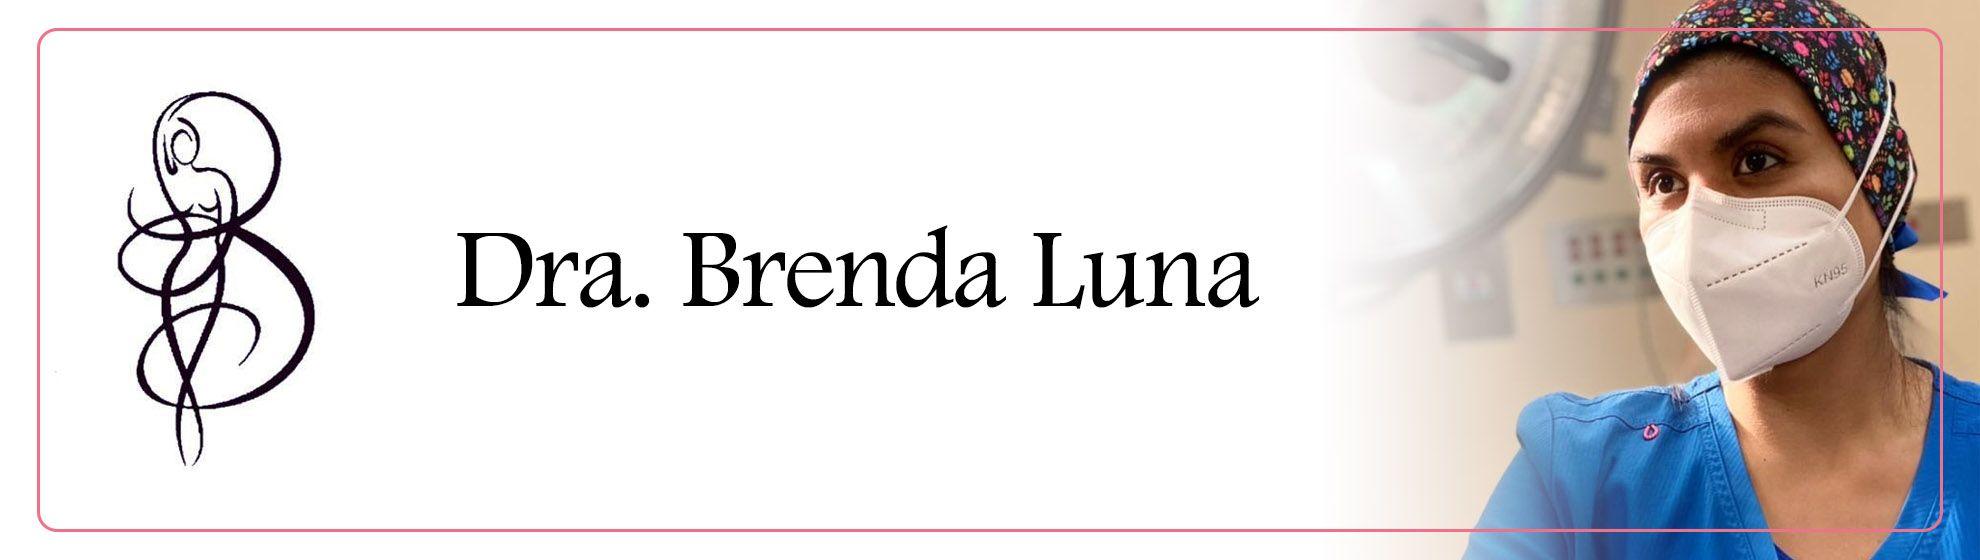 Dra. Brenda Luna